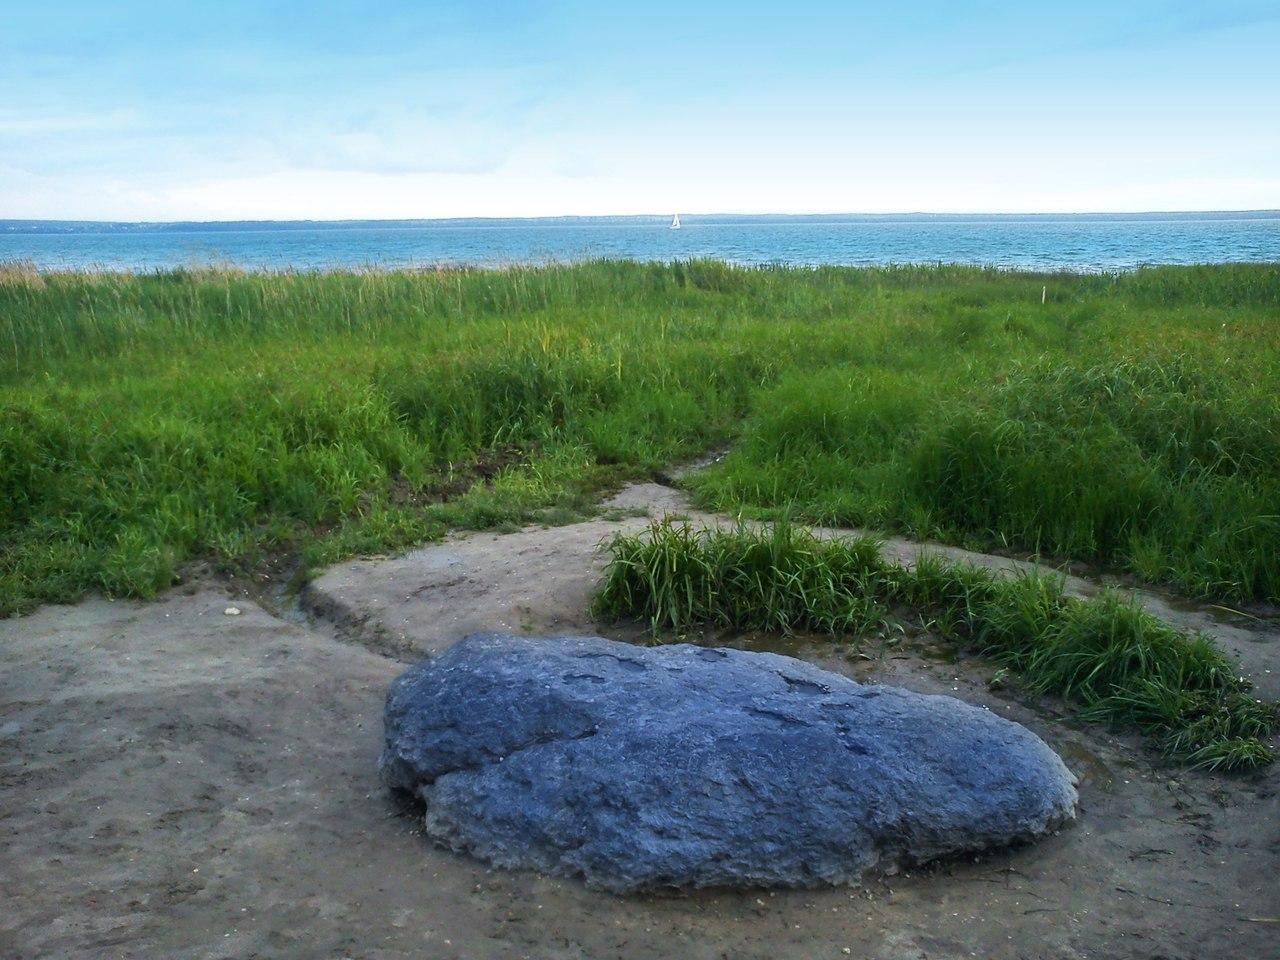 Синий камень (Переславль-Залесский)